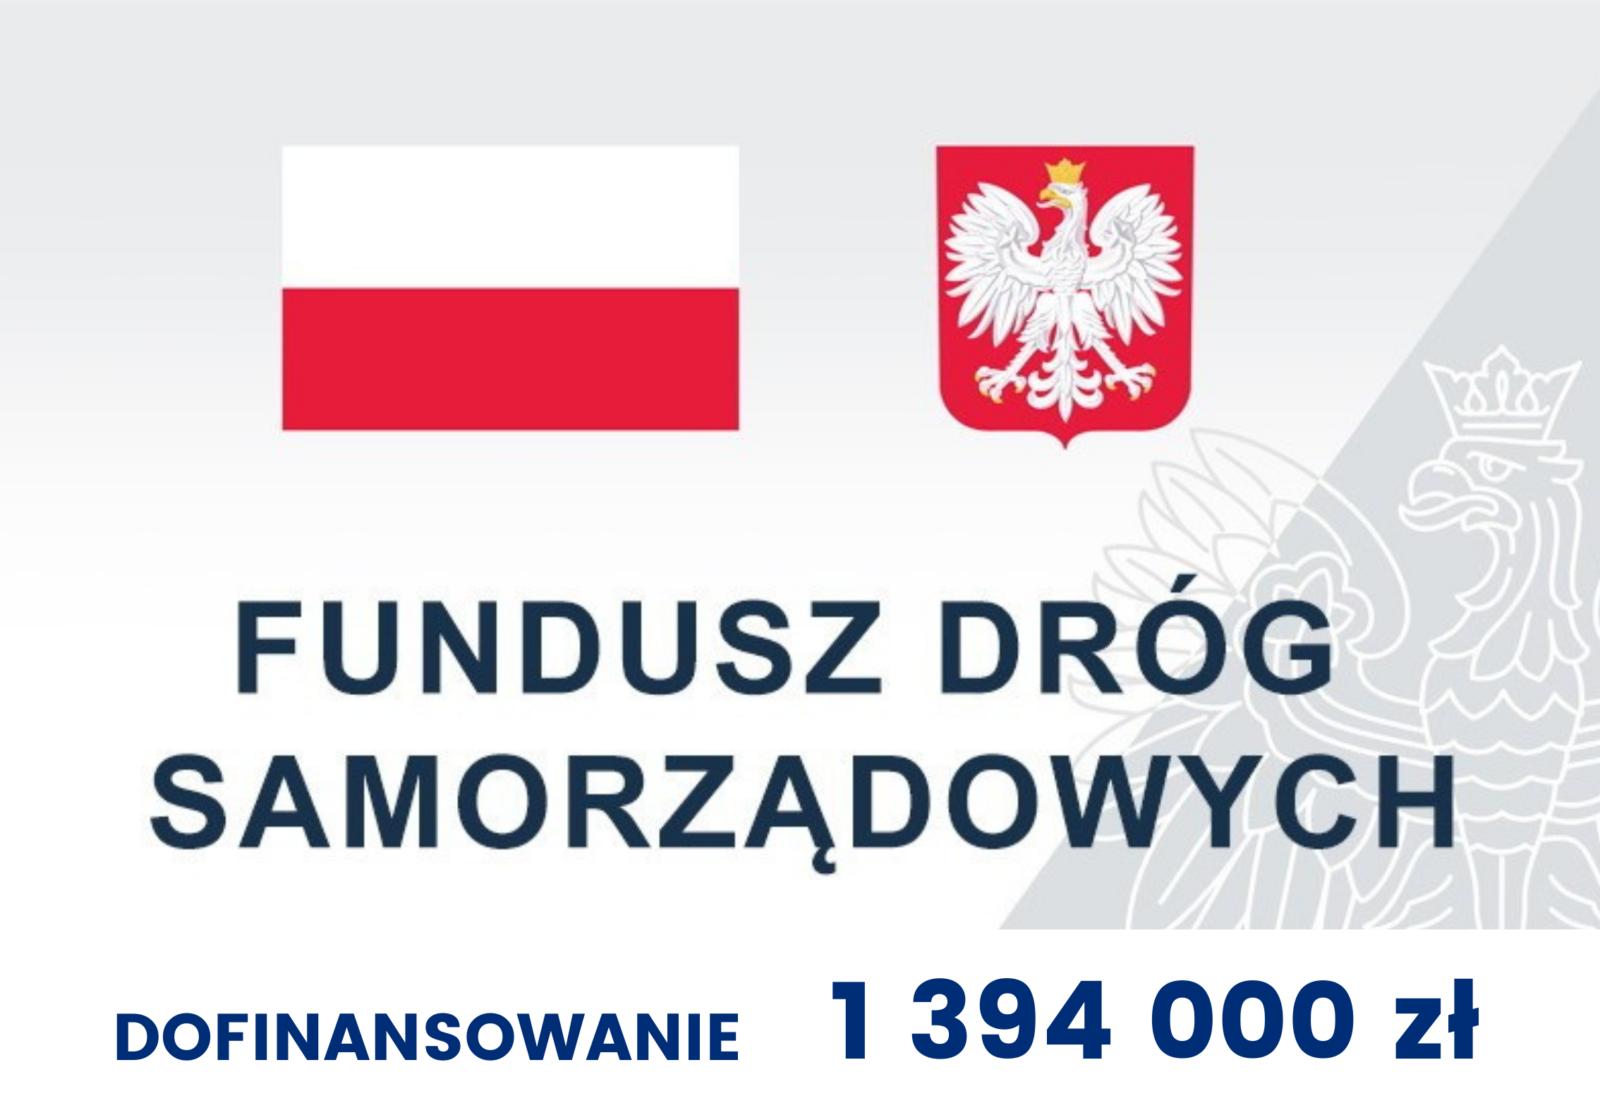 Fundusz Dróg Samorządowych dofinansowanie 1394000zł - infografika